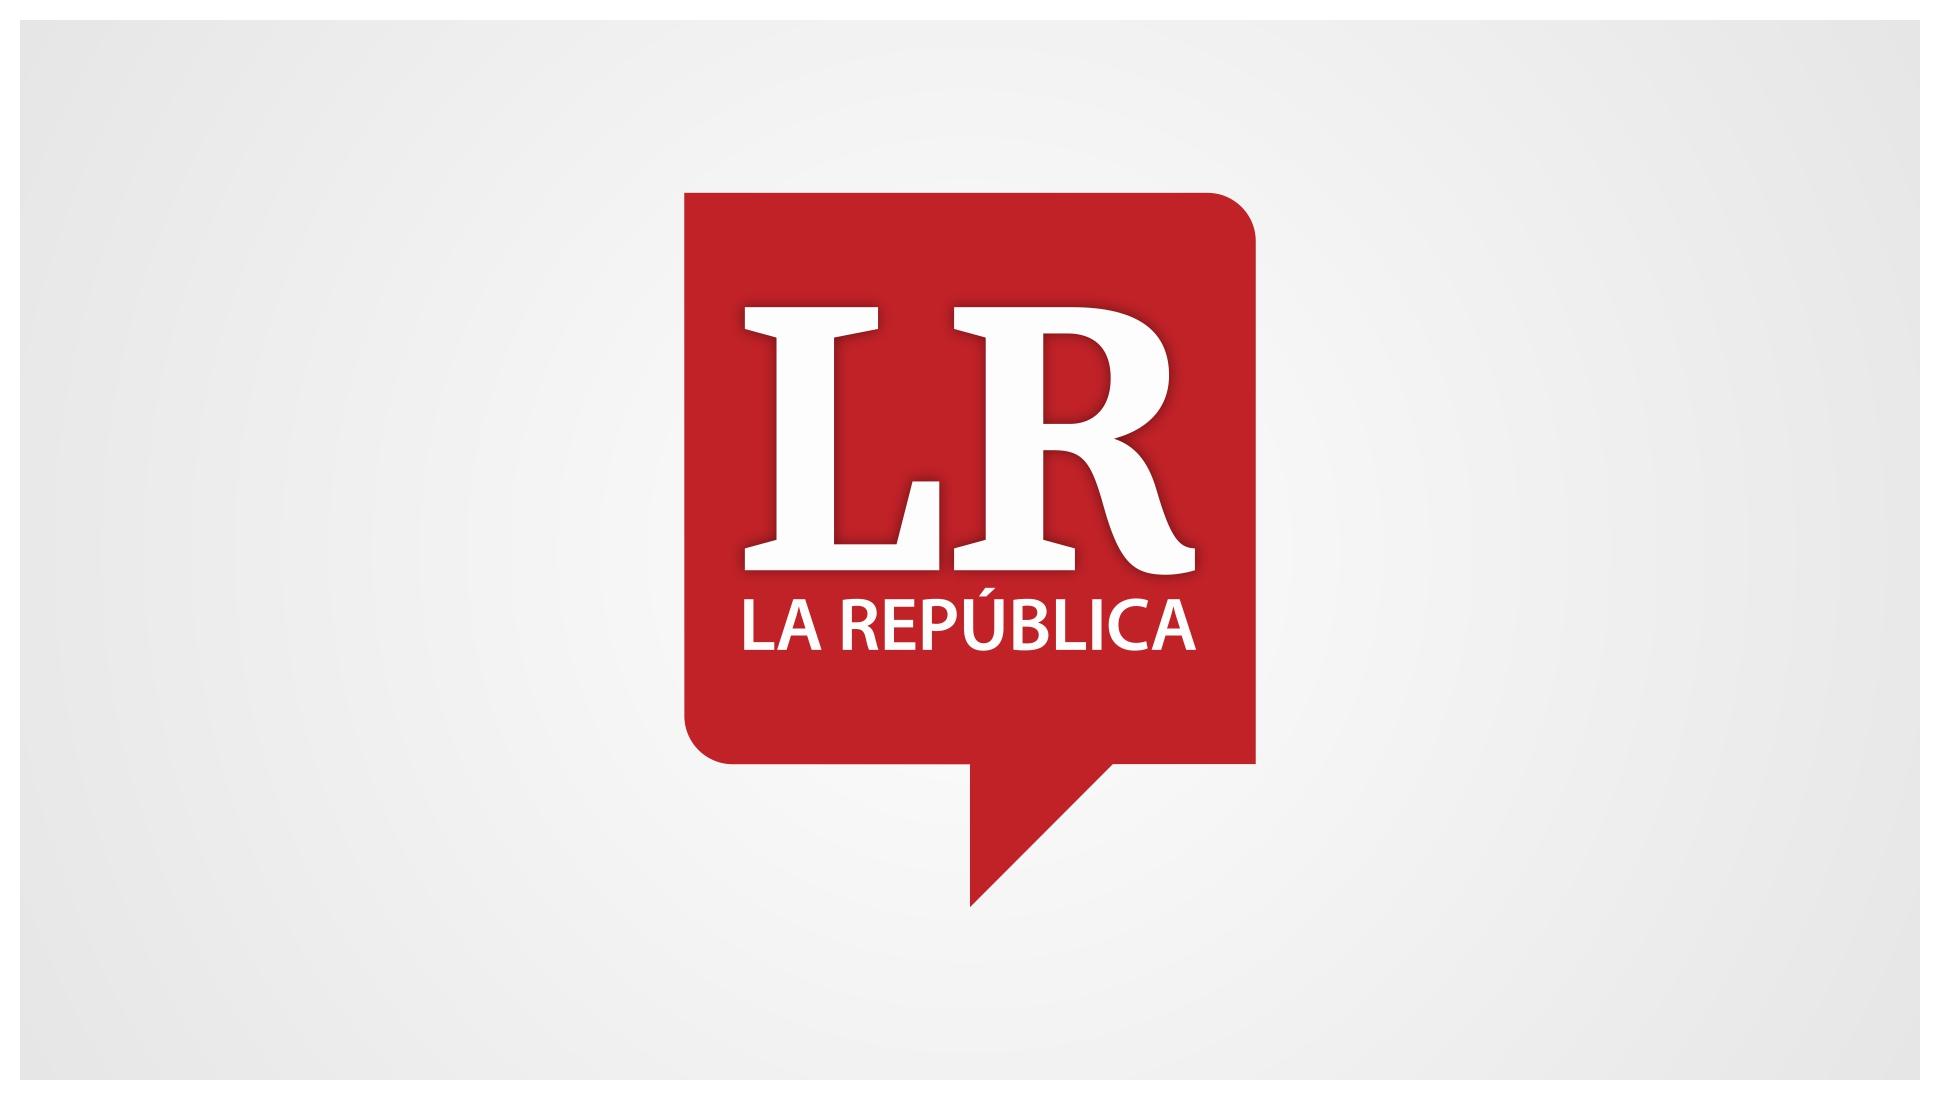 Crowe en Diario La República - 4 de mayo de 2020   Crowe Colombia